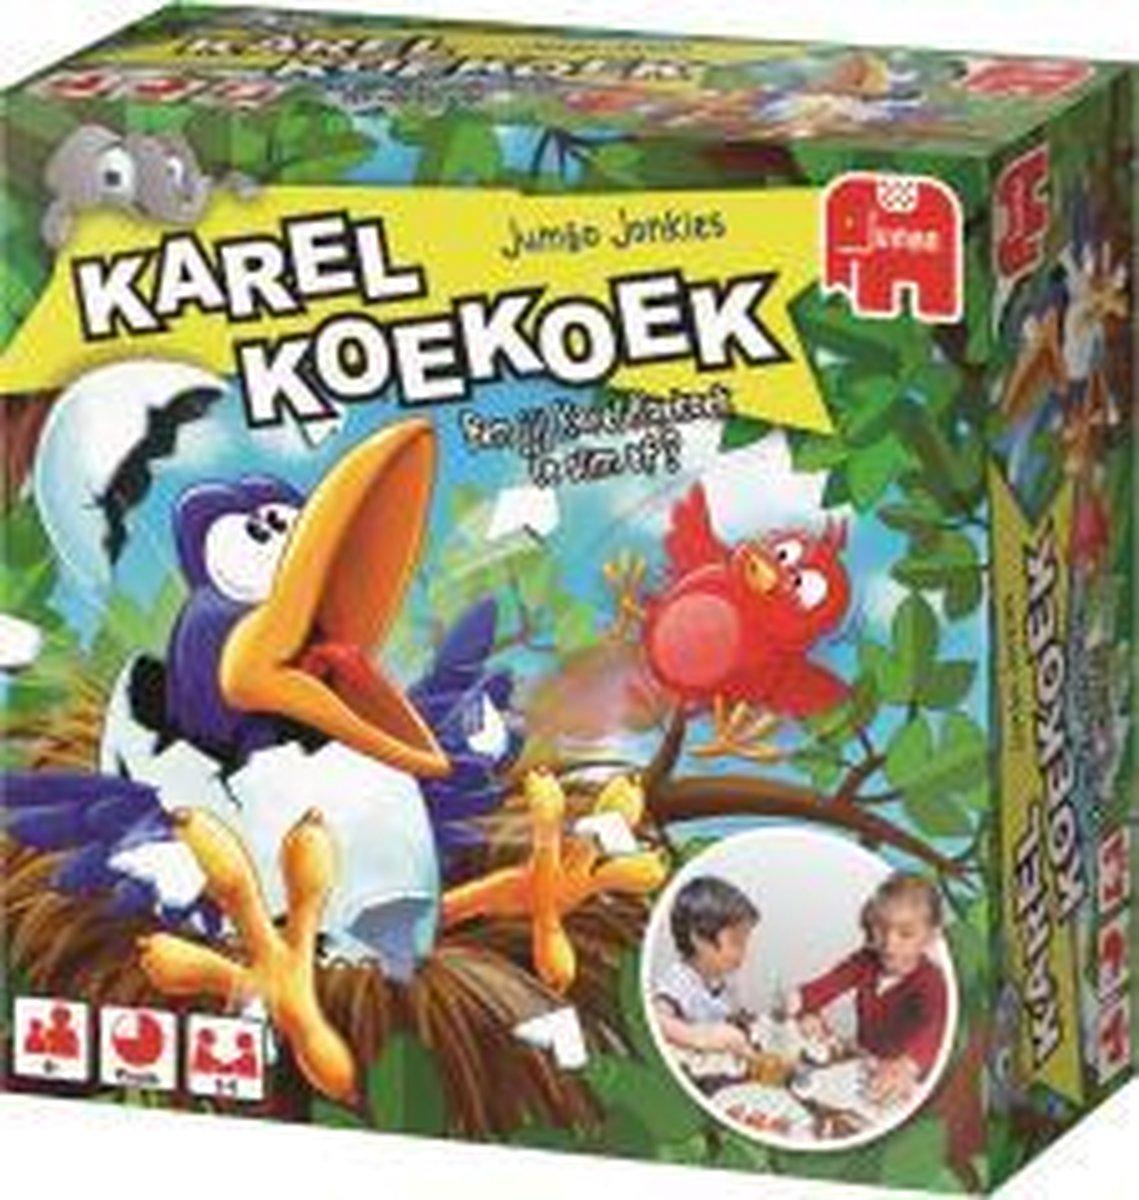 Karel Koekoek - Kinderspel - Jumbo